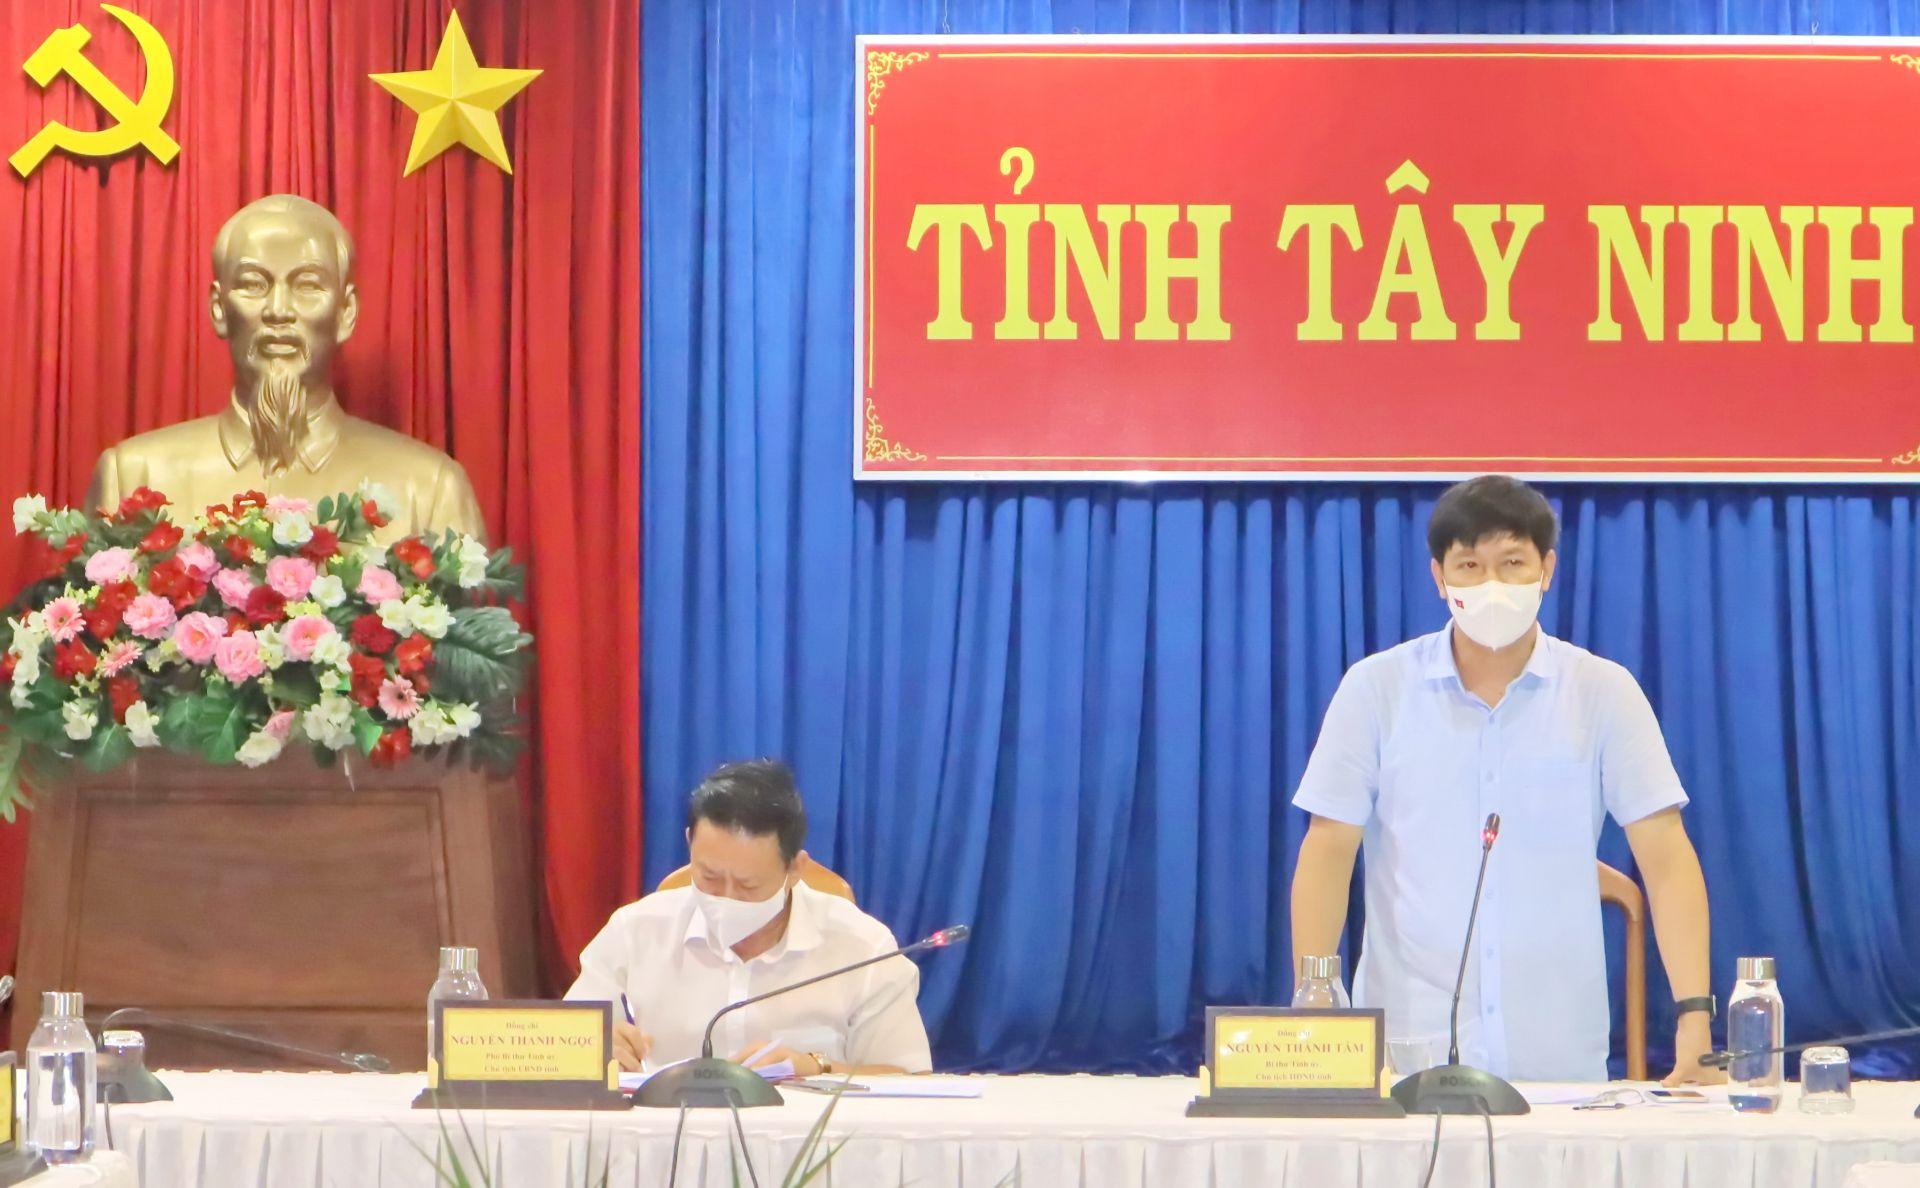 روزنامه ها در تای نینگ در 12 ژوئیه 2021